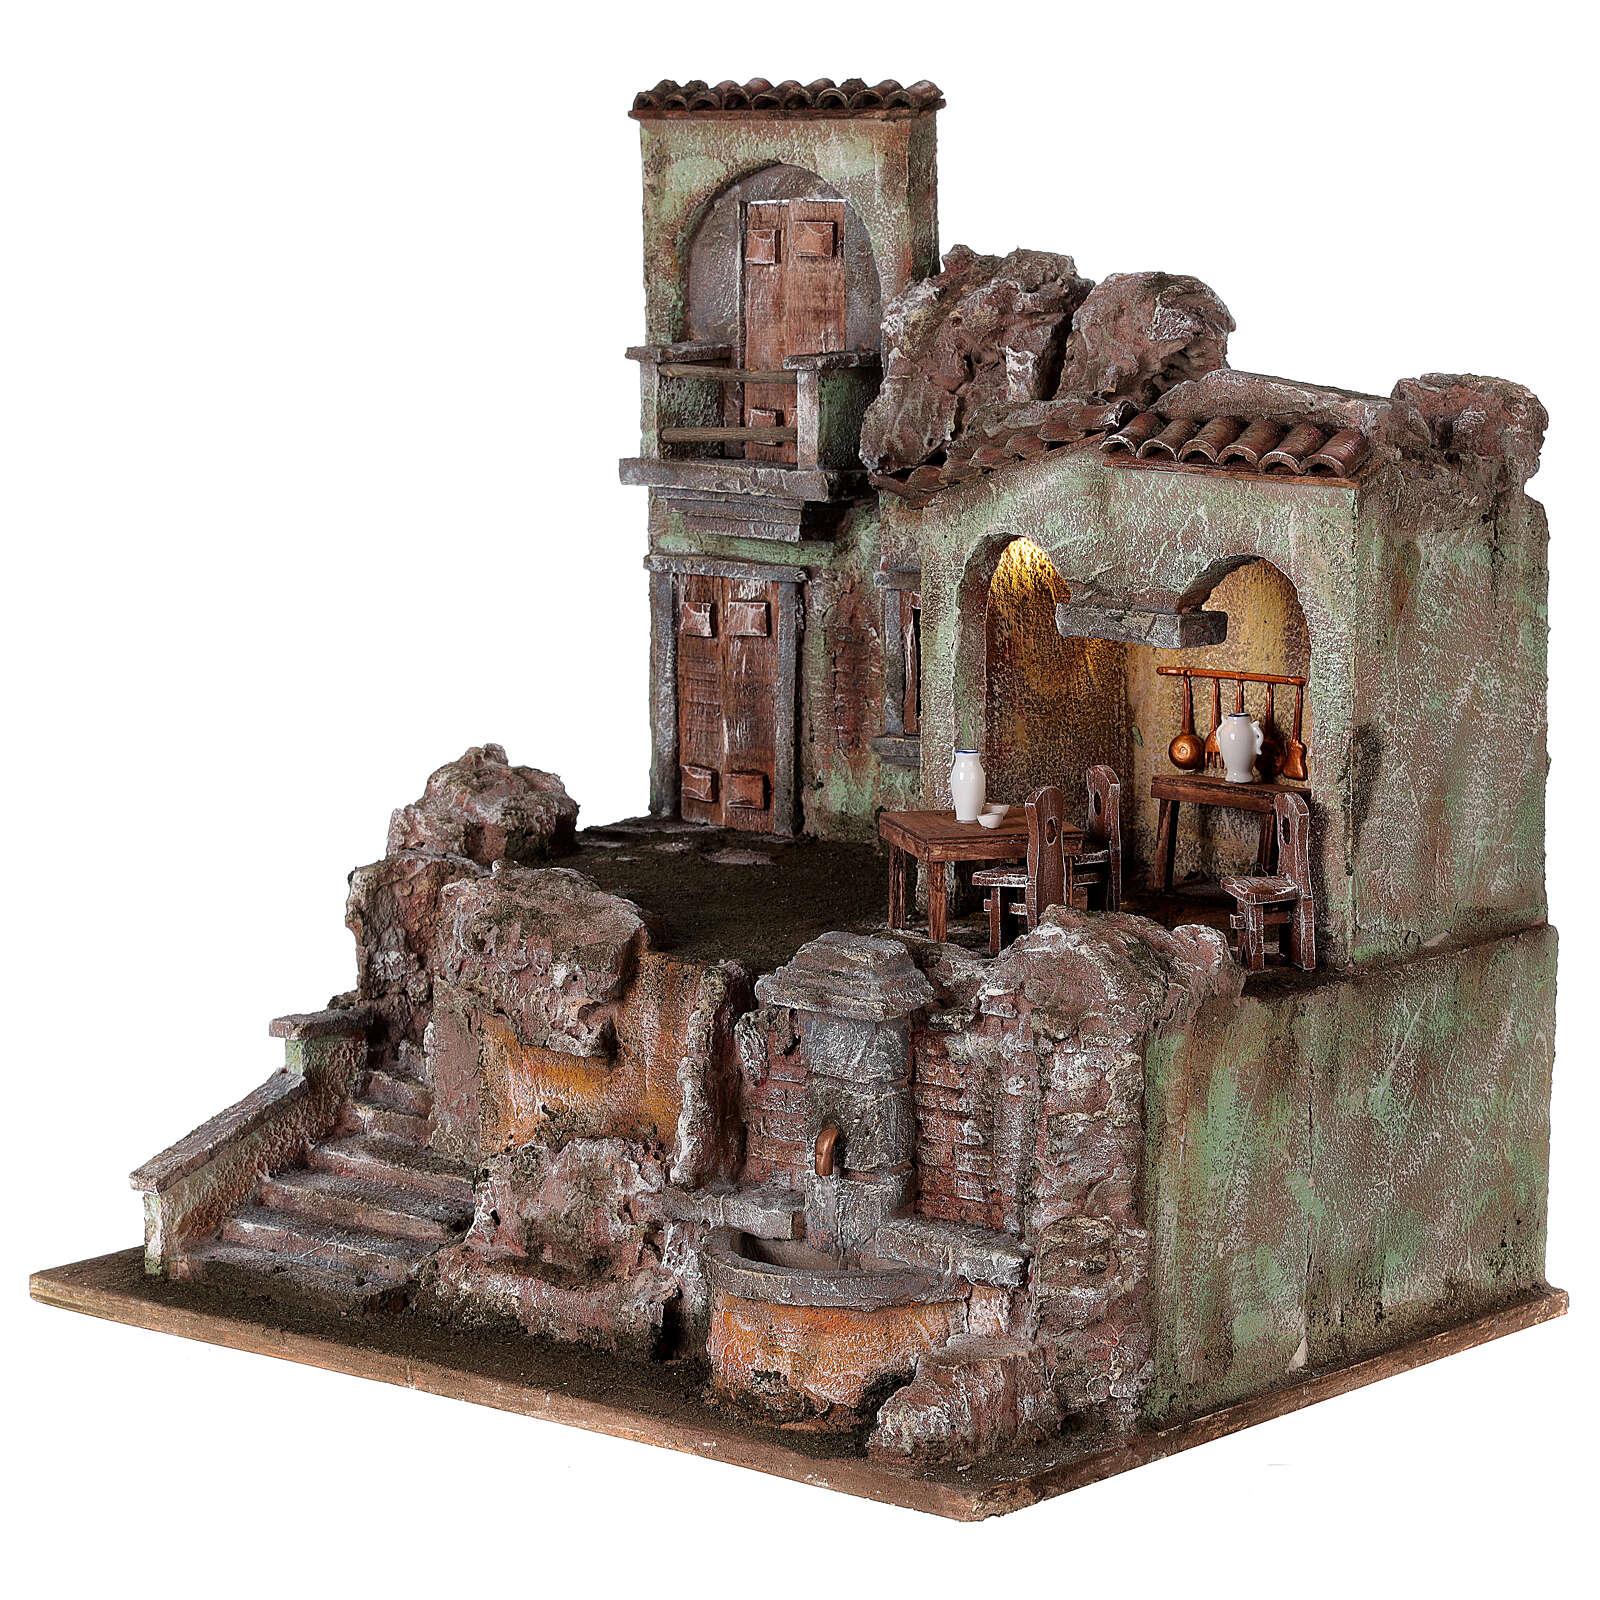 Borgo presepe illuminato tavolino sedie fontanella 50x45x35 statue 10 cm 4